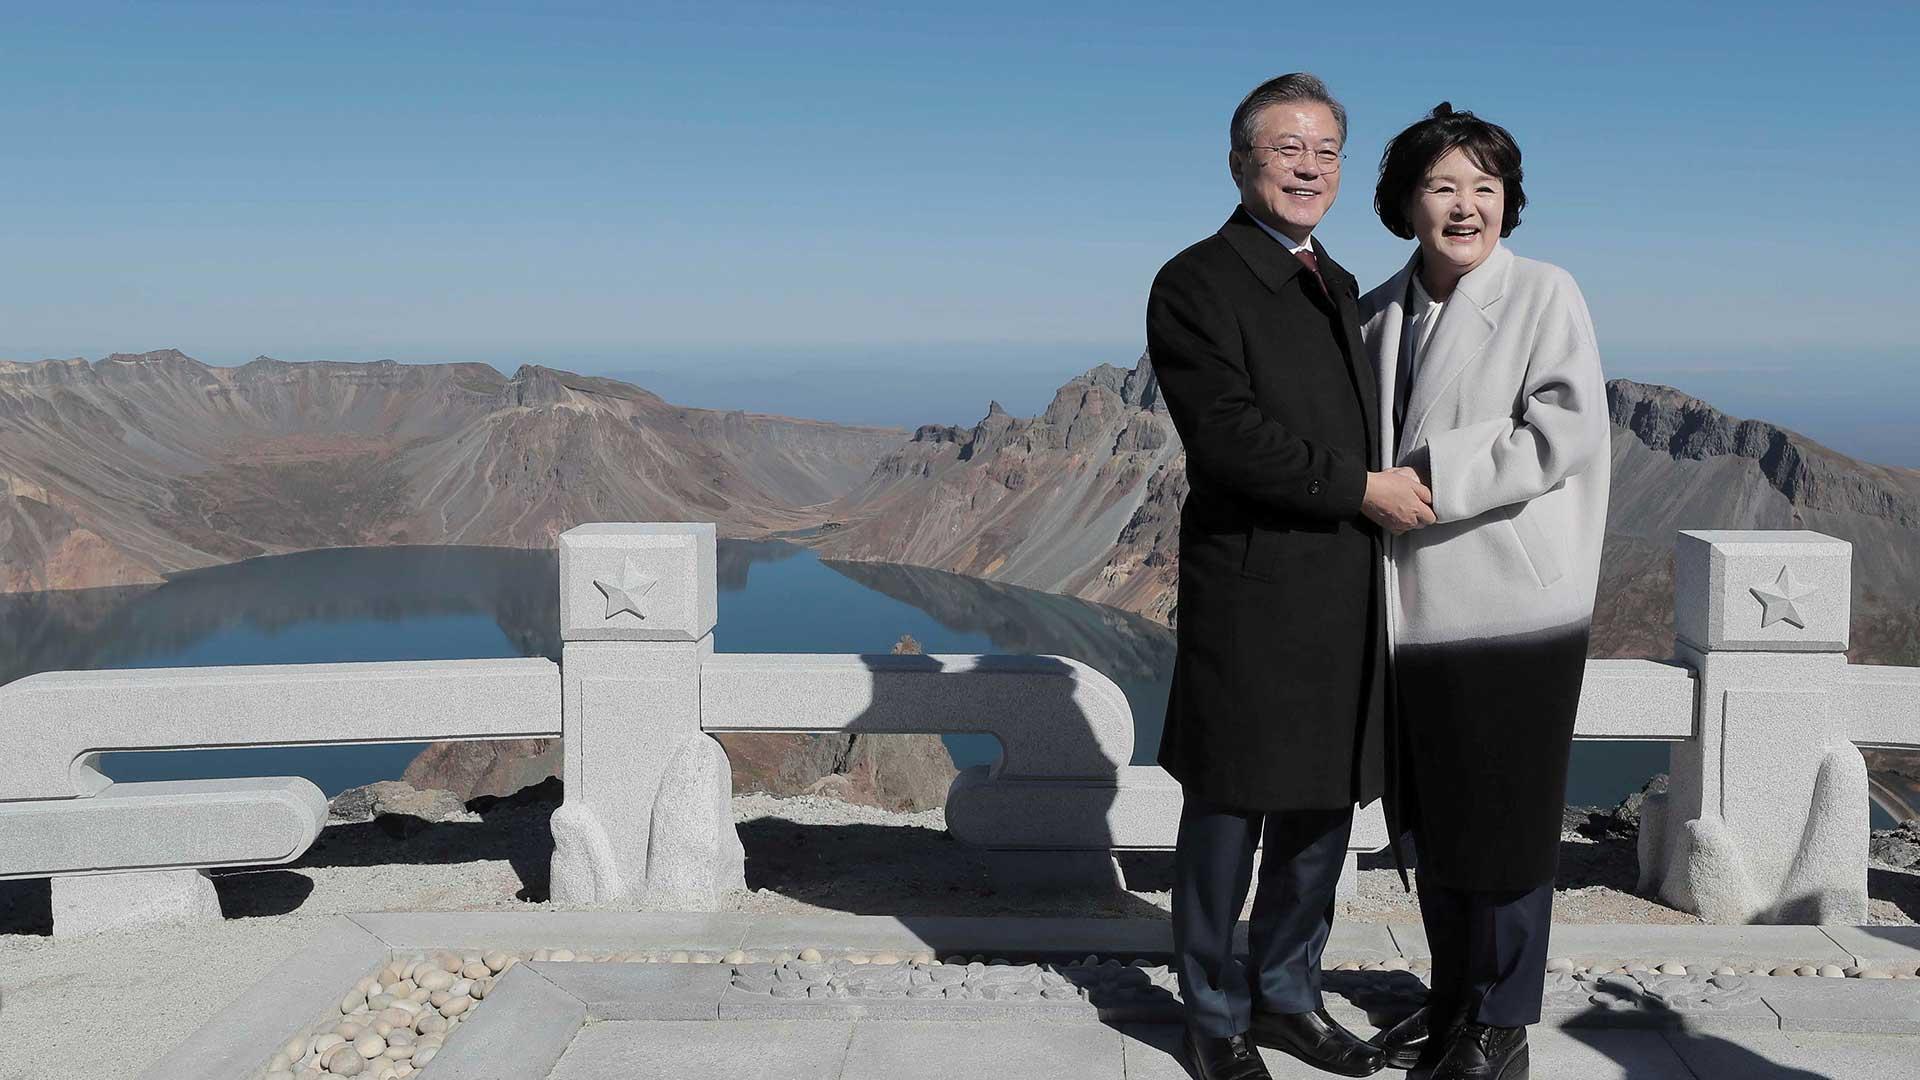 El presidente de Corea del Sur, Moon Jae-in, y la primera dama Kim Jung-sook posan para fotografías en la cima del Monte Paektu, Corea del Norte, el 20 de septiembre de 2018. (Reuters)